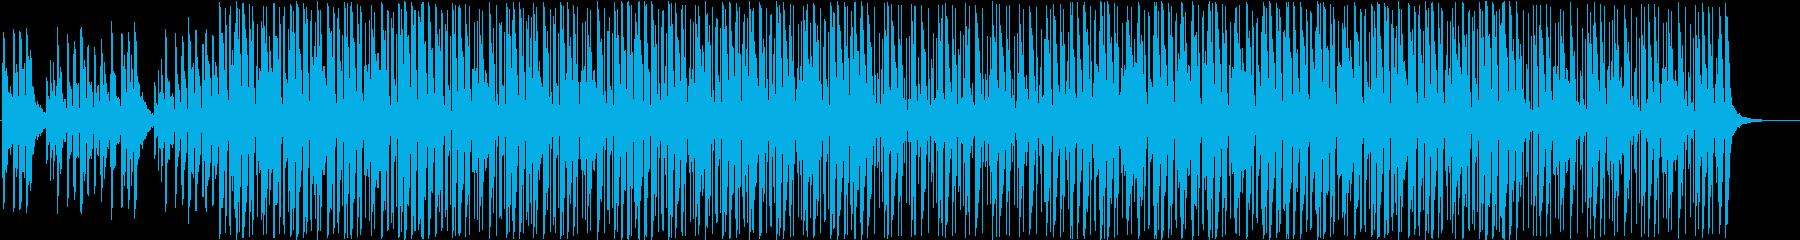 クールな電子アンビエント計器。テレ...の再生済みの波形